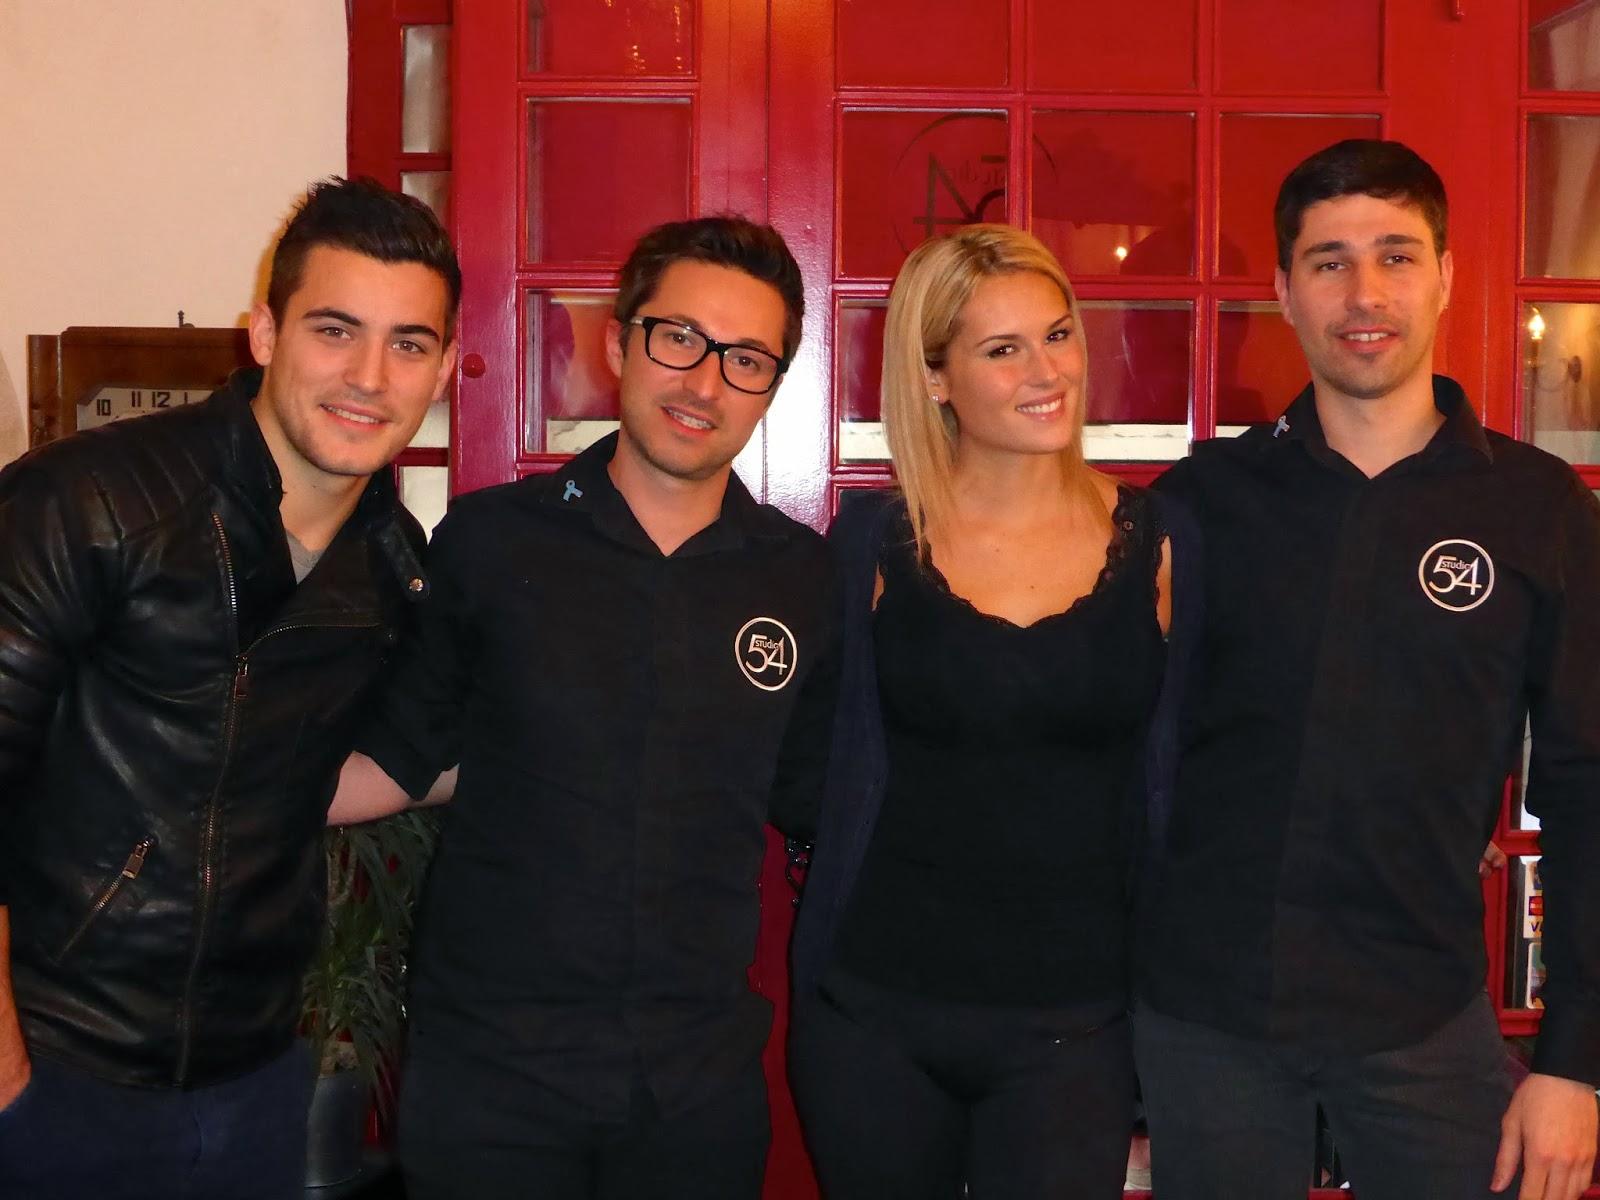 De gauche à droite, Anthony, Eddy, Marine et Guillaume.